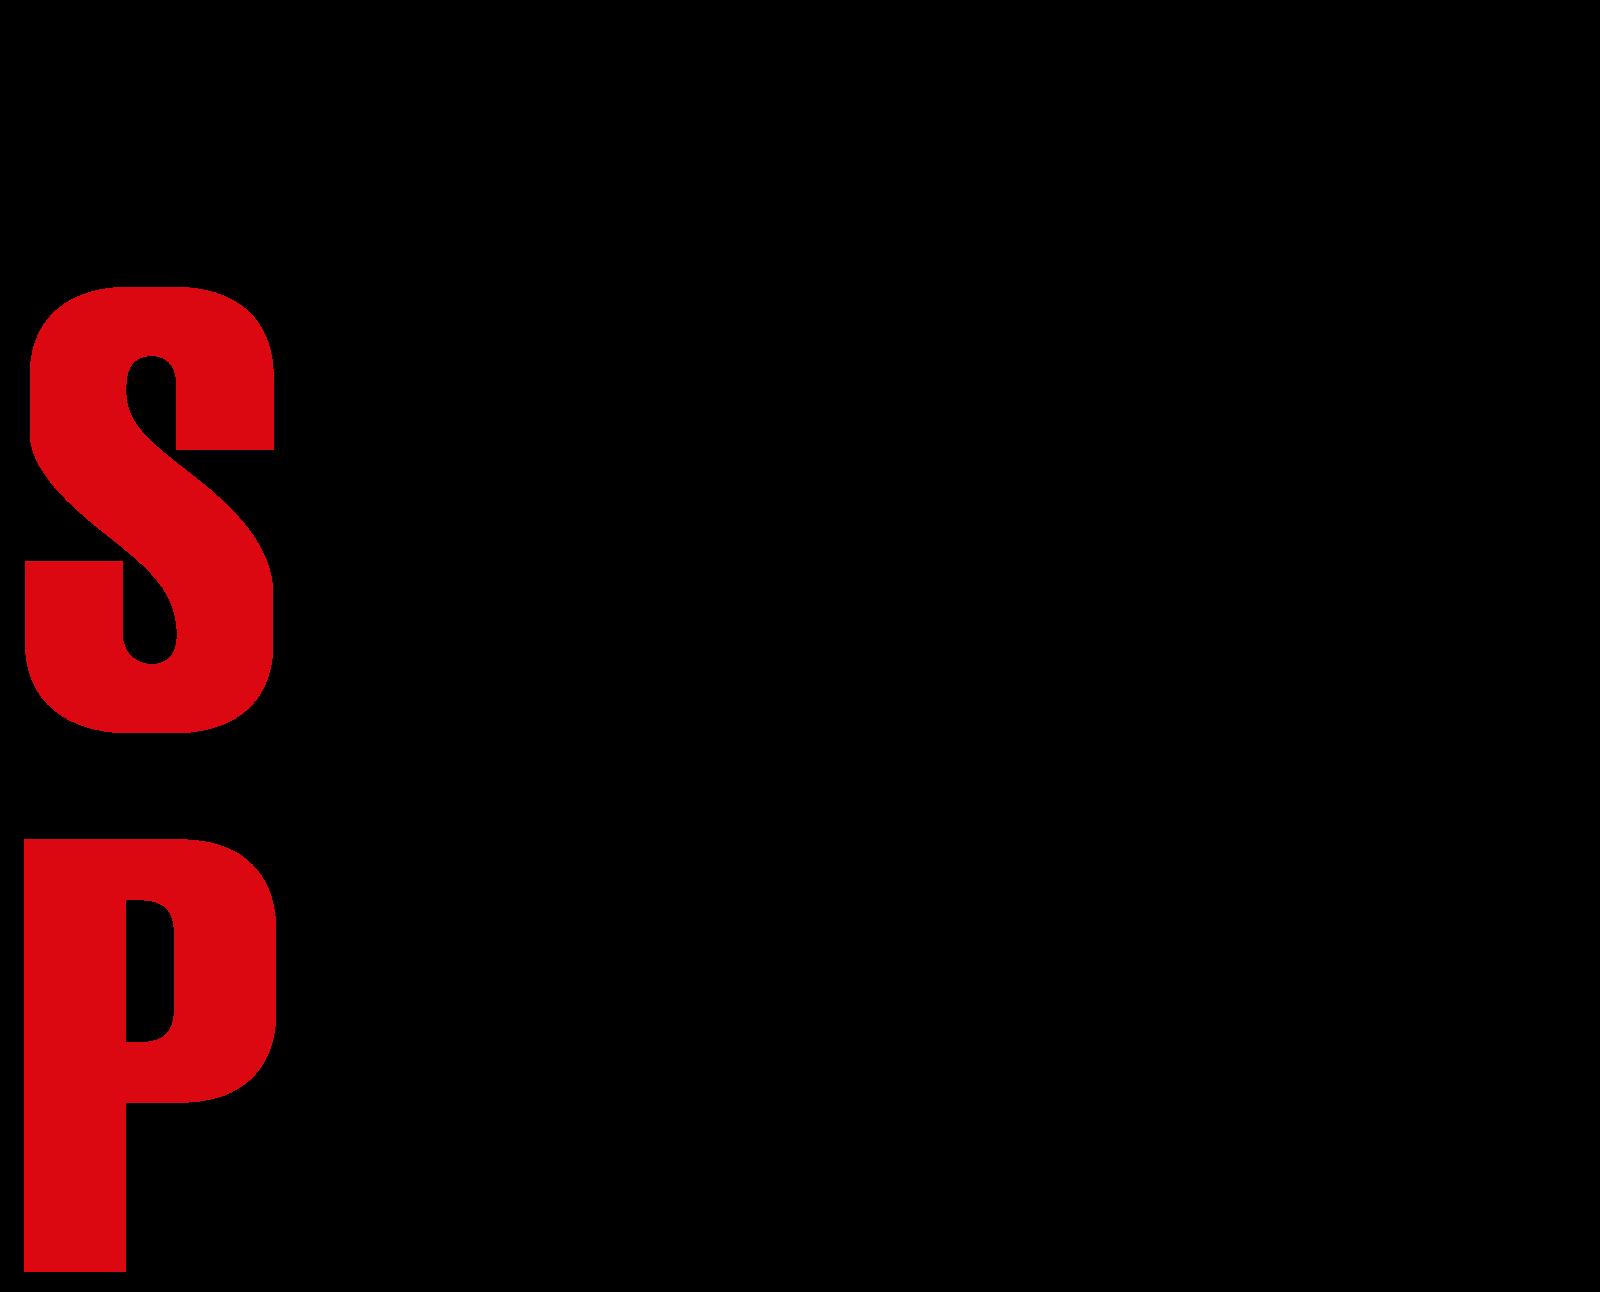 sem parar 2 - Sem Parar Logo